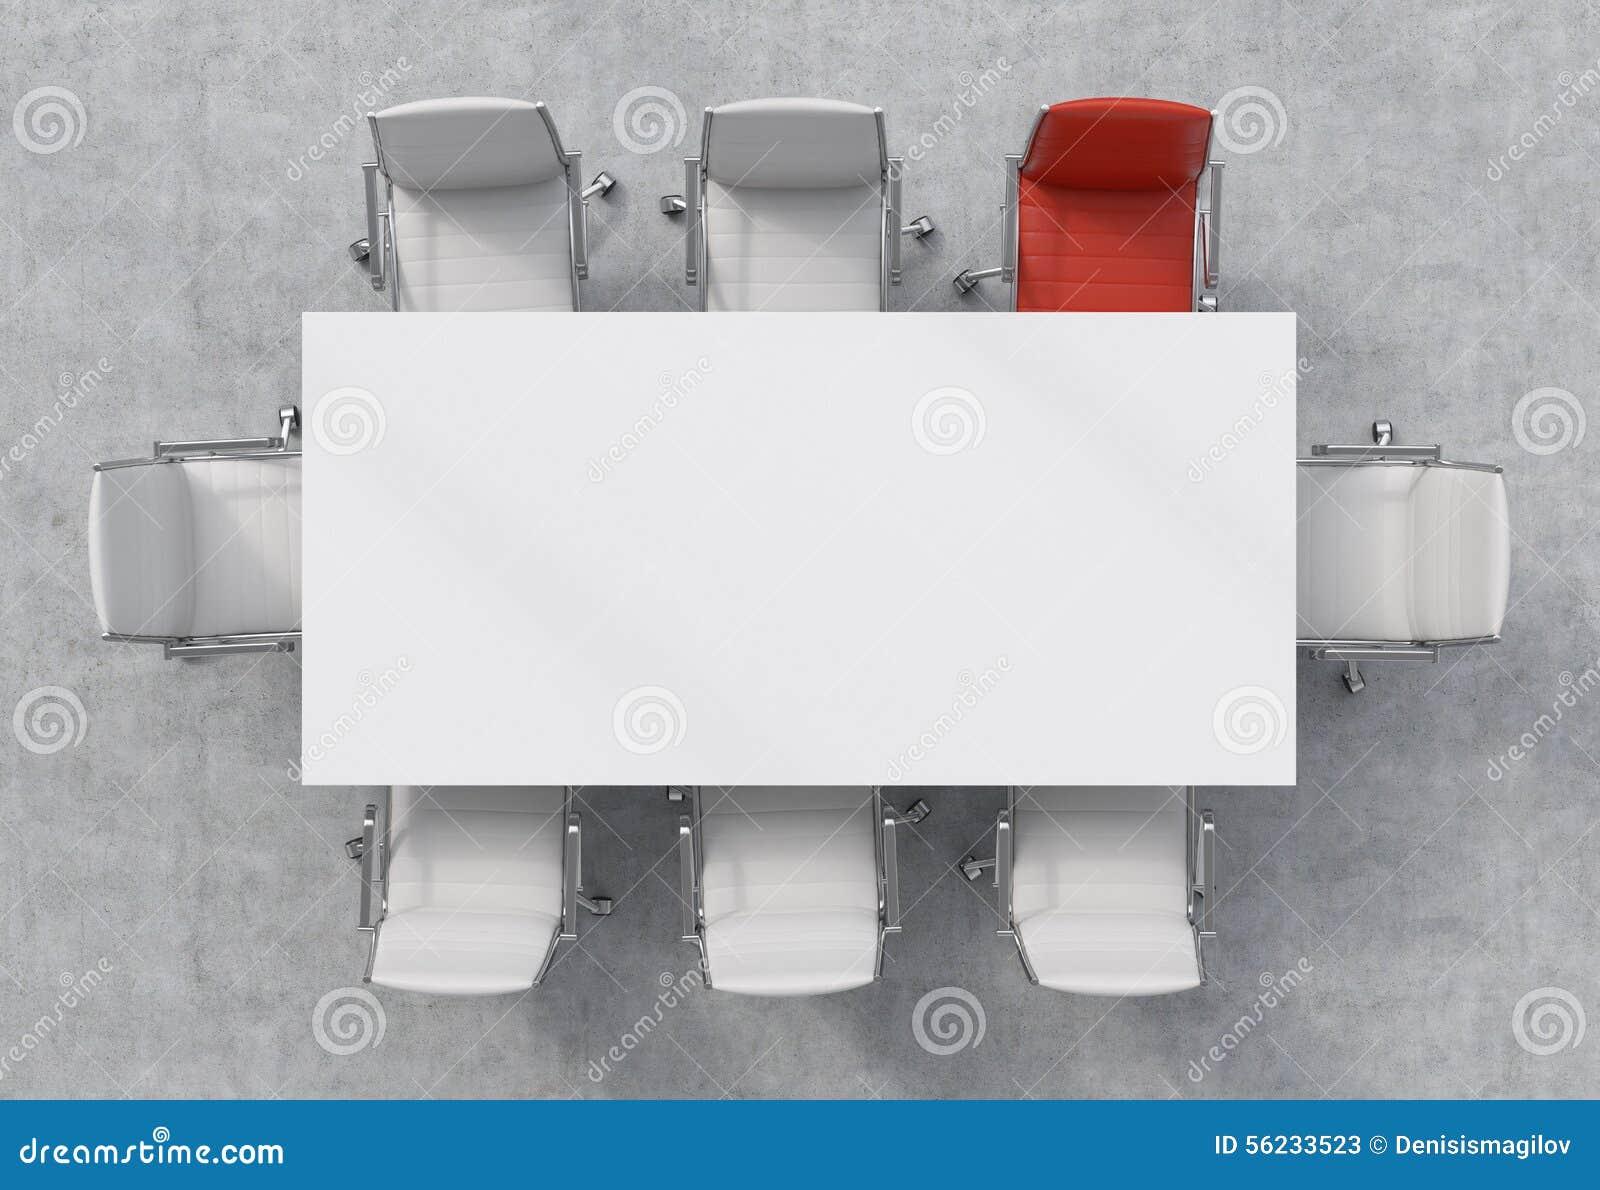 vue sup rieure d 39 une salle de conf rence une table rectangulaire blanche et huit chaises autour. Black Bedroom Furniture Sets. Home Design Ideas